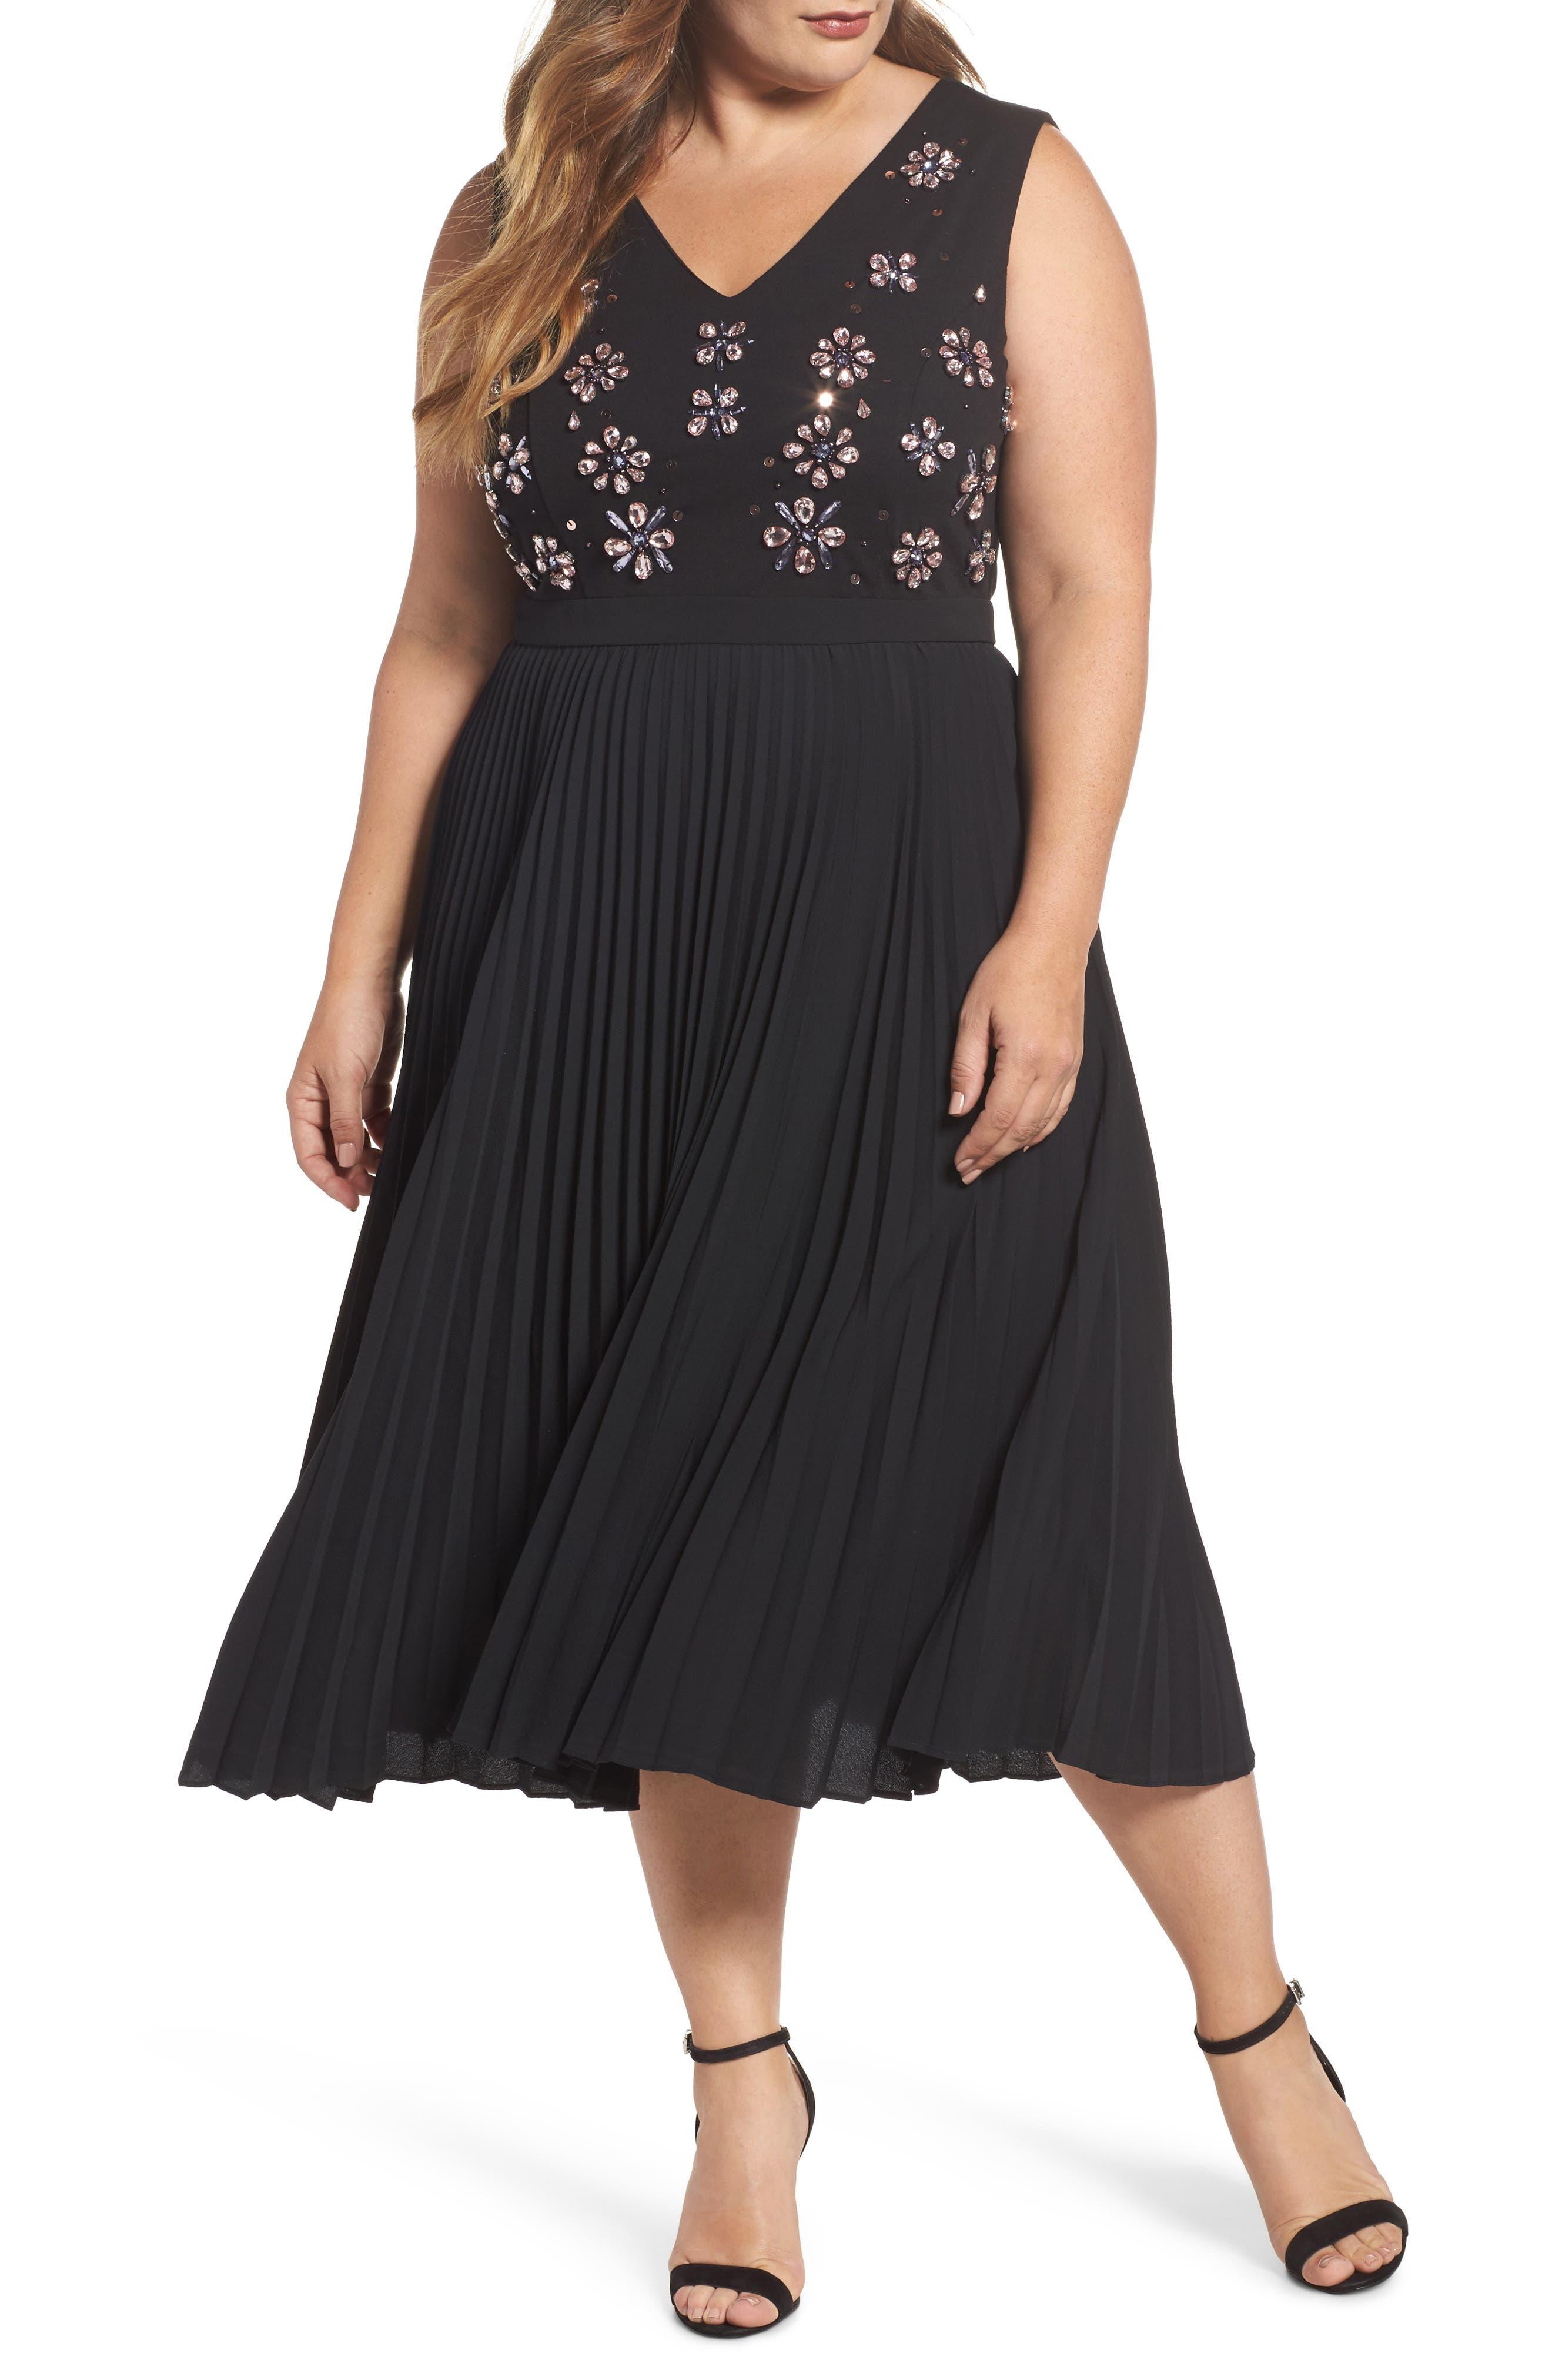 Crystal Flower Embellished Dress,                         Main,                         color, 001